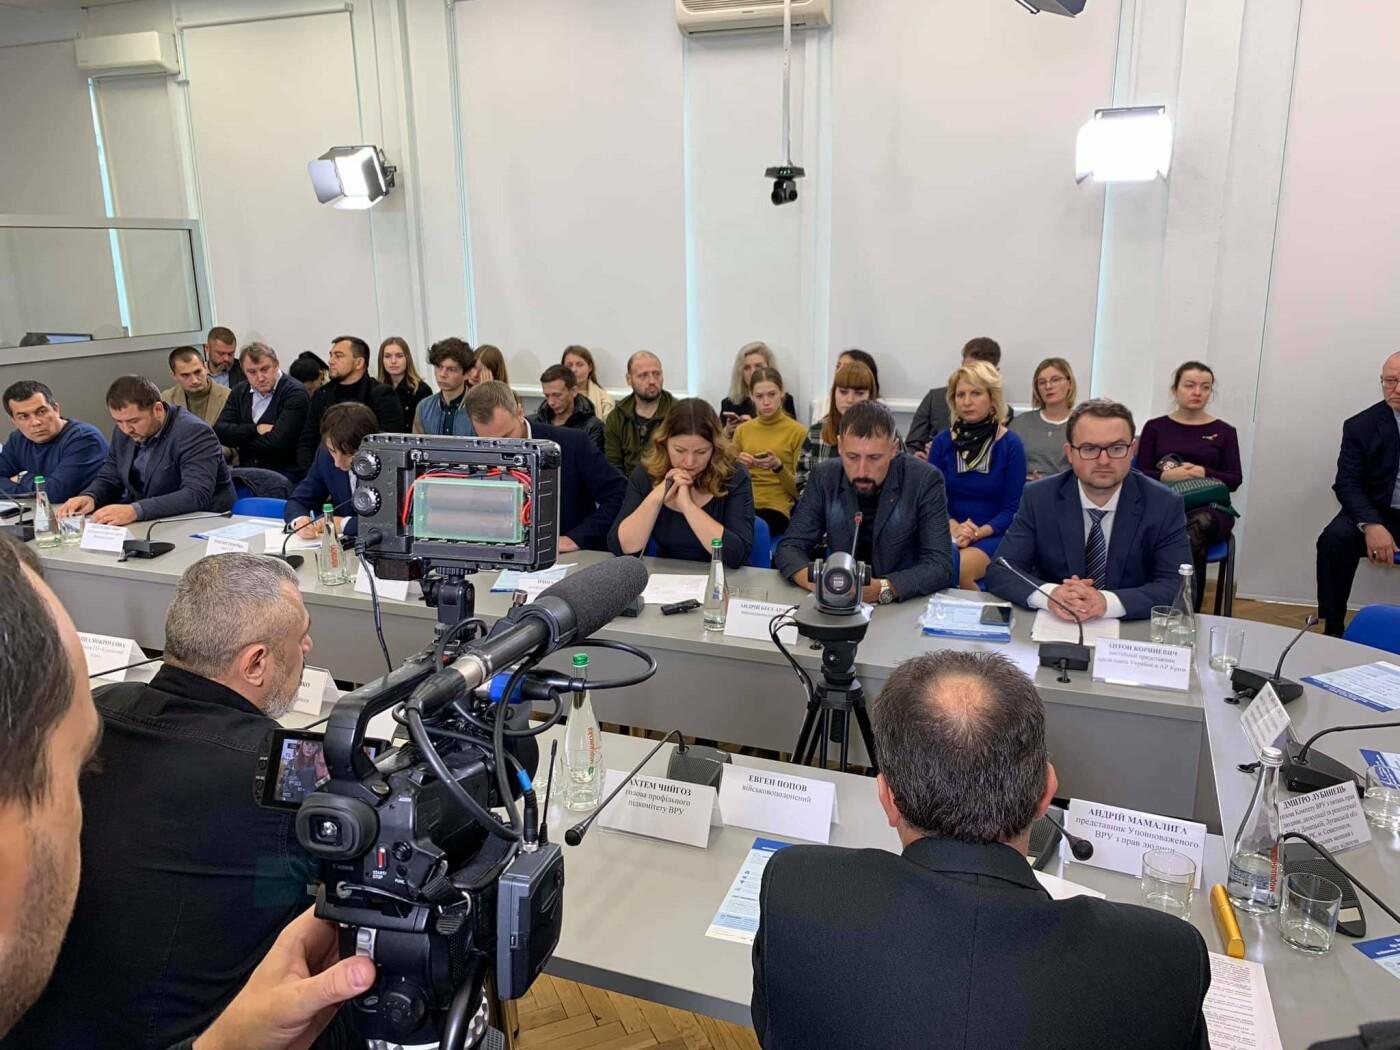 Криворожане обсуждали в Киеве законопроект о защите пленных и пропавших без вести, - ФОТО, фото-2